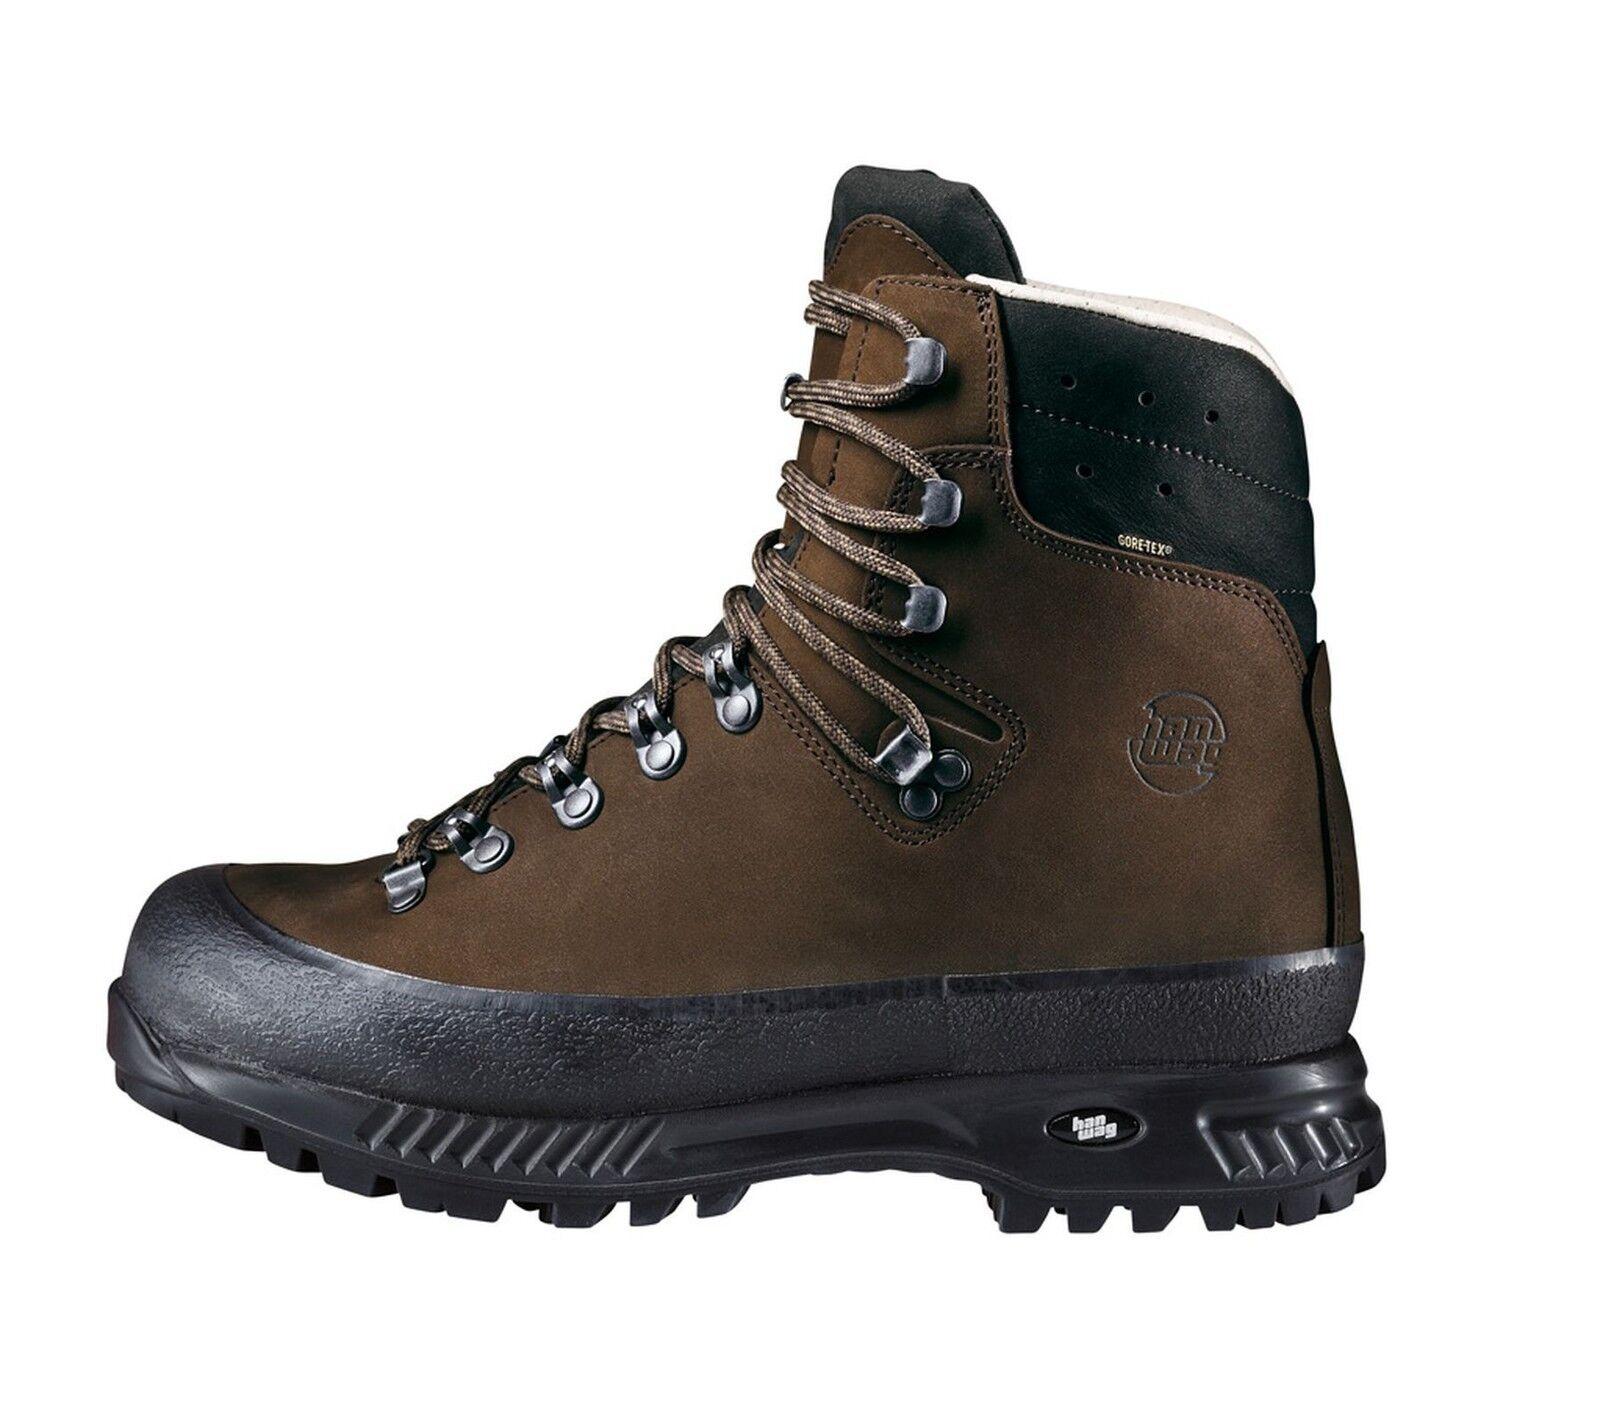 Hanwag Scarpe Montagna: Alaska Wide GTX Uomo 11,5 dimensione 11,5 Uomo - 46,5 terra 026c89